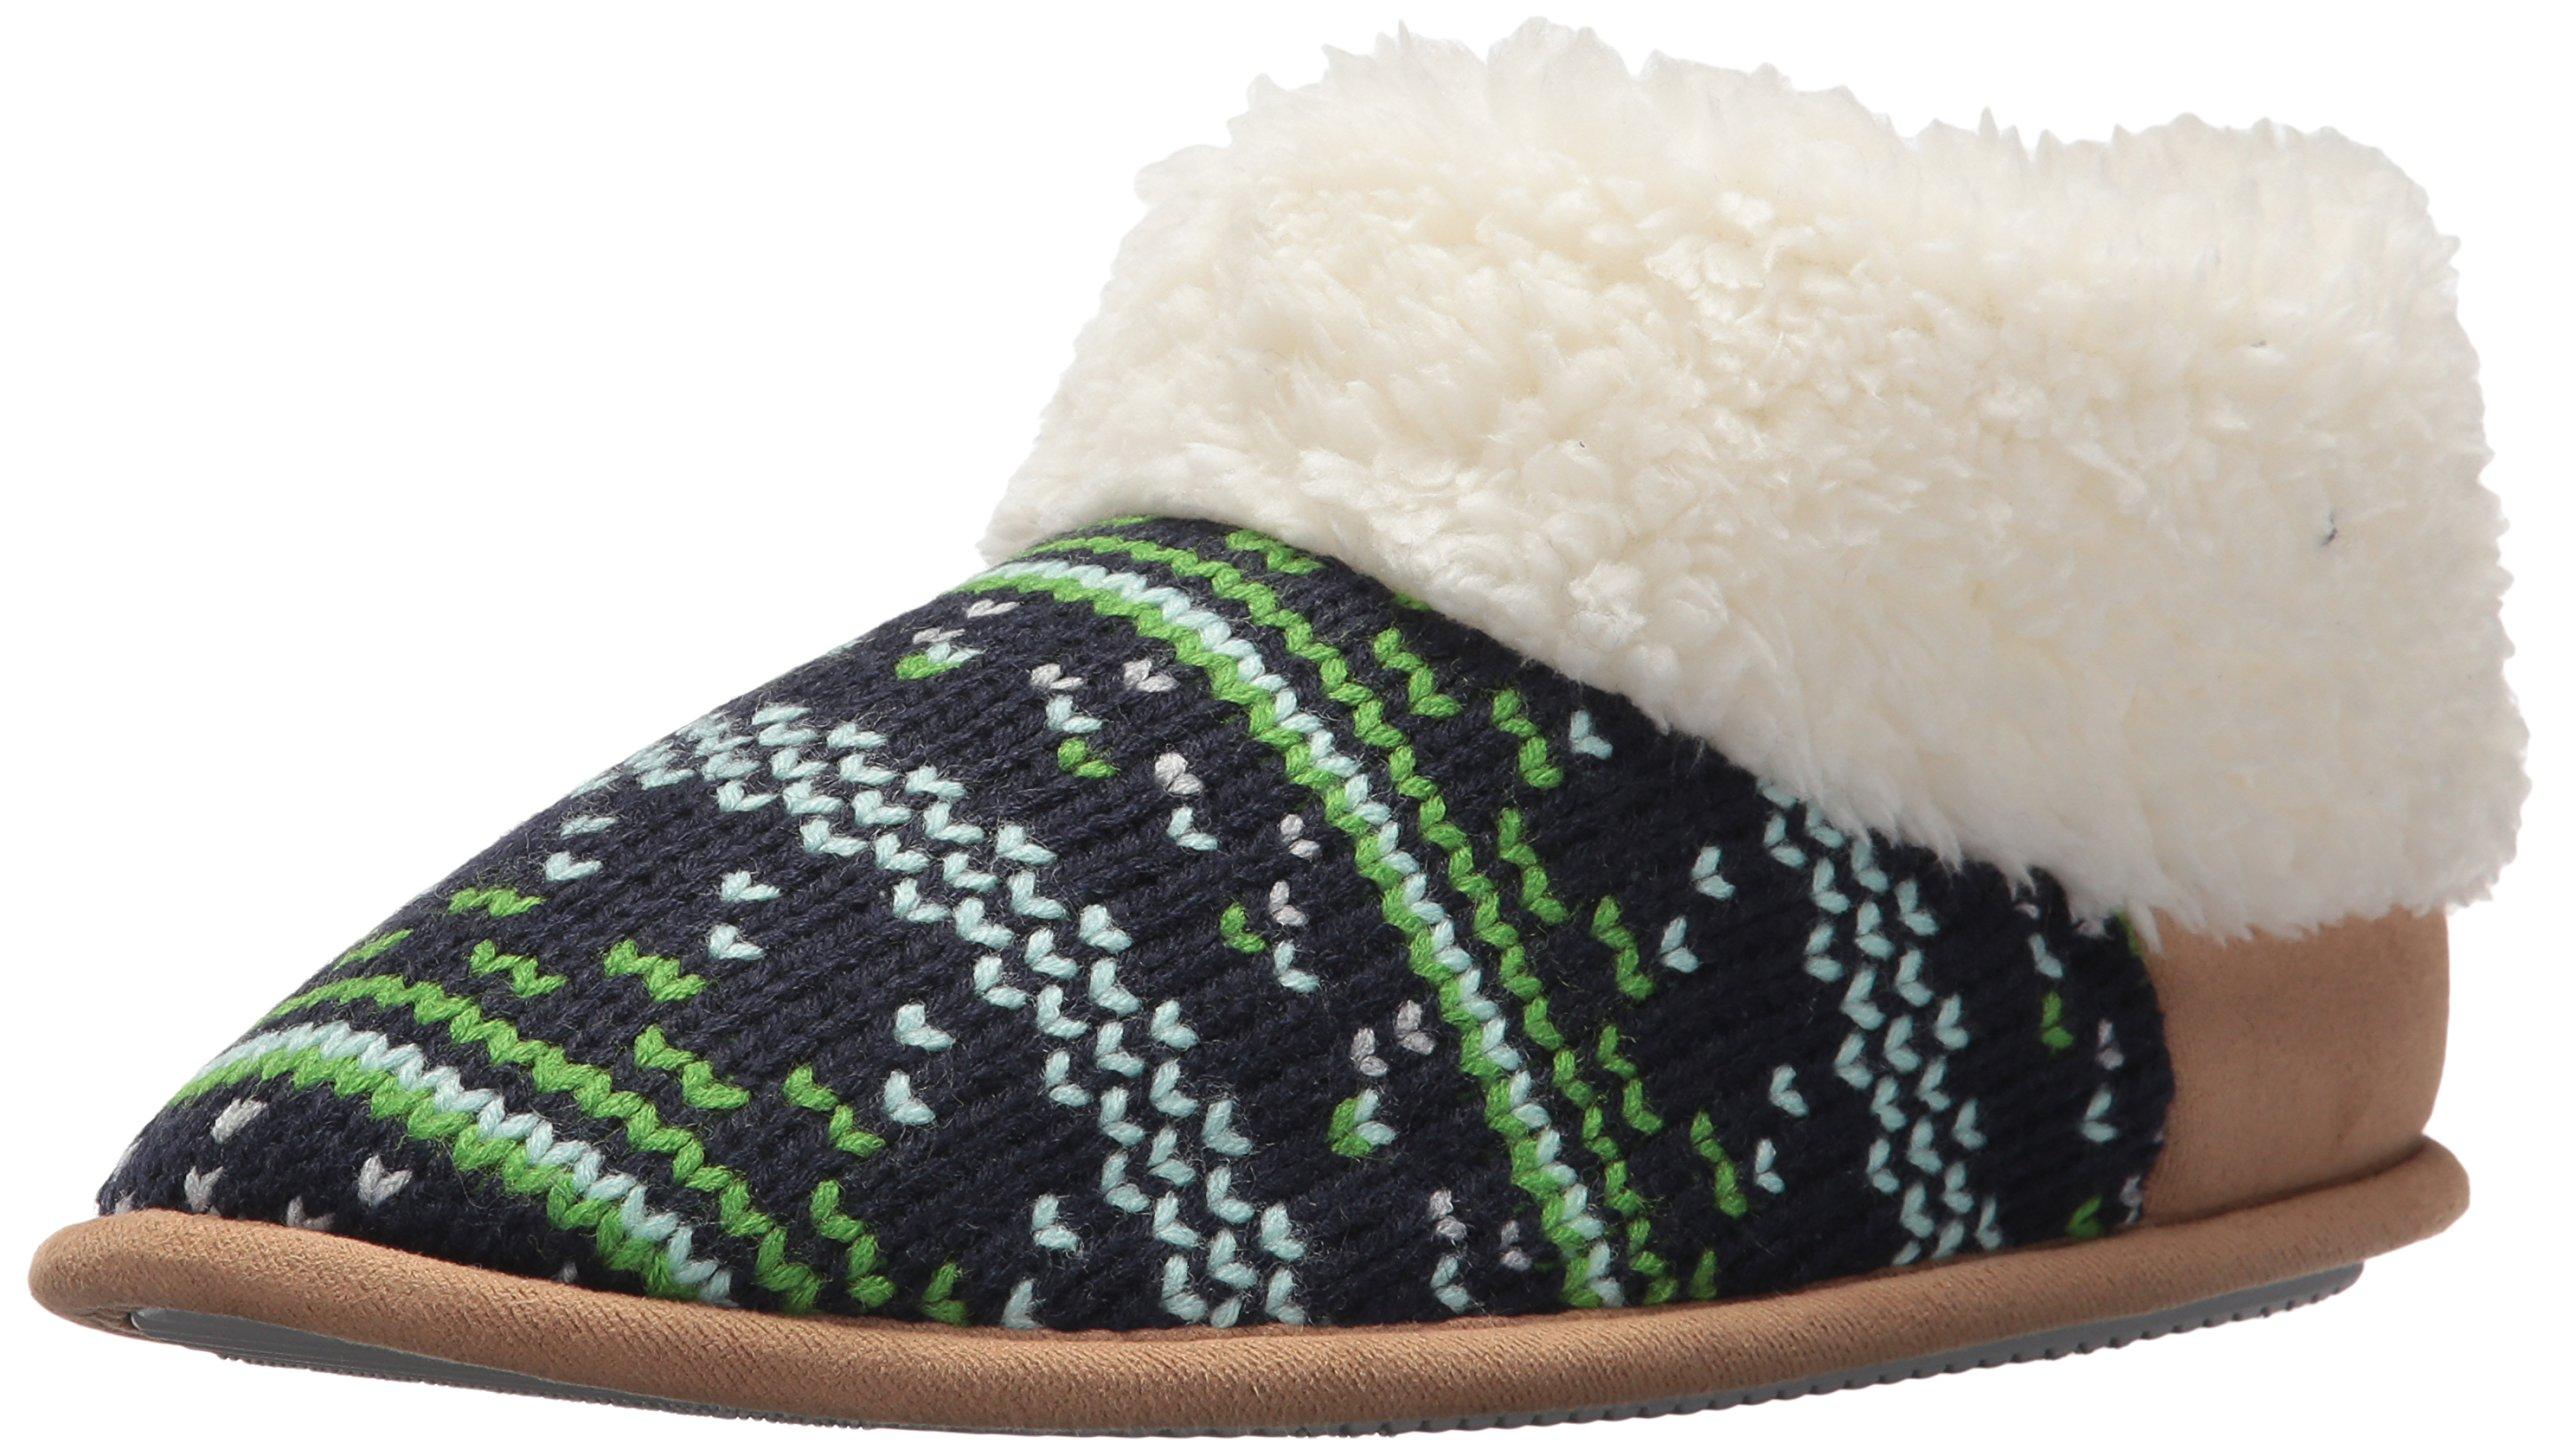 Dearfoams Women's Patterned Knit Bootie, Peacoat, M Medium US